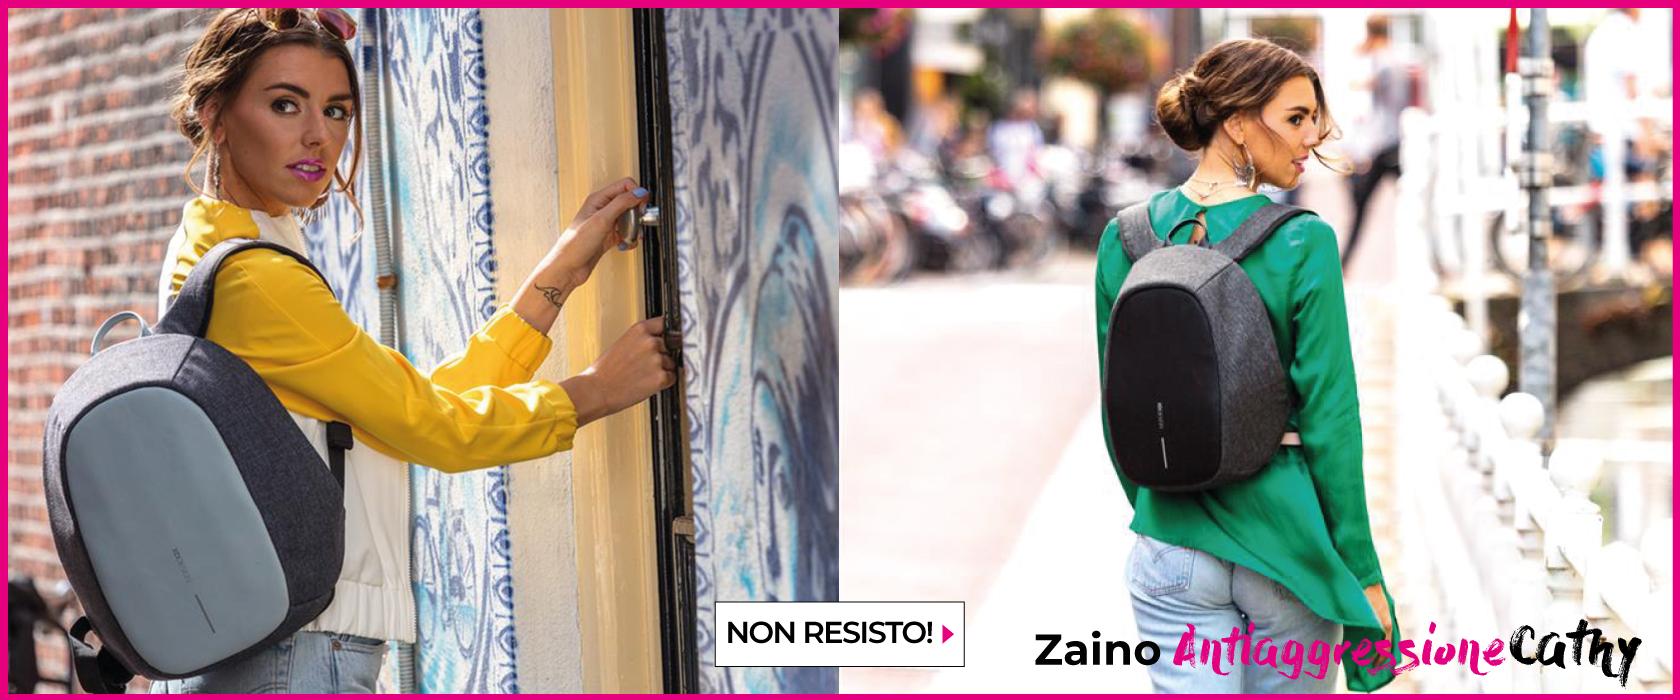 Zaino Cathy